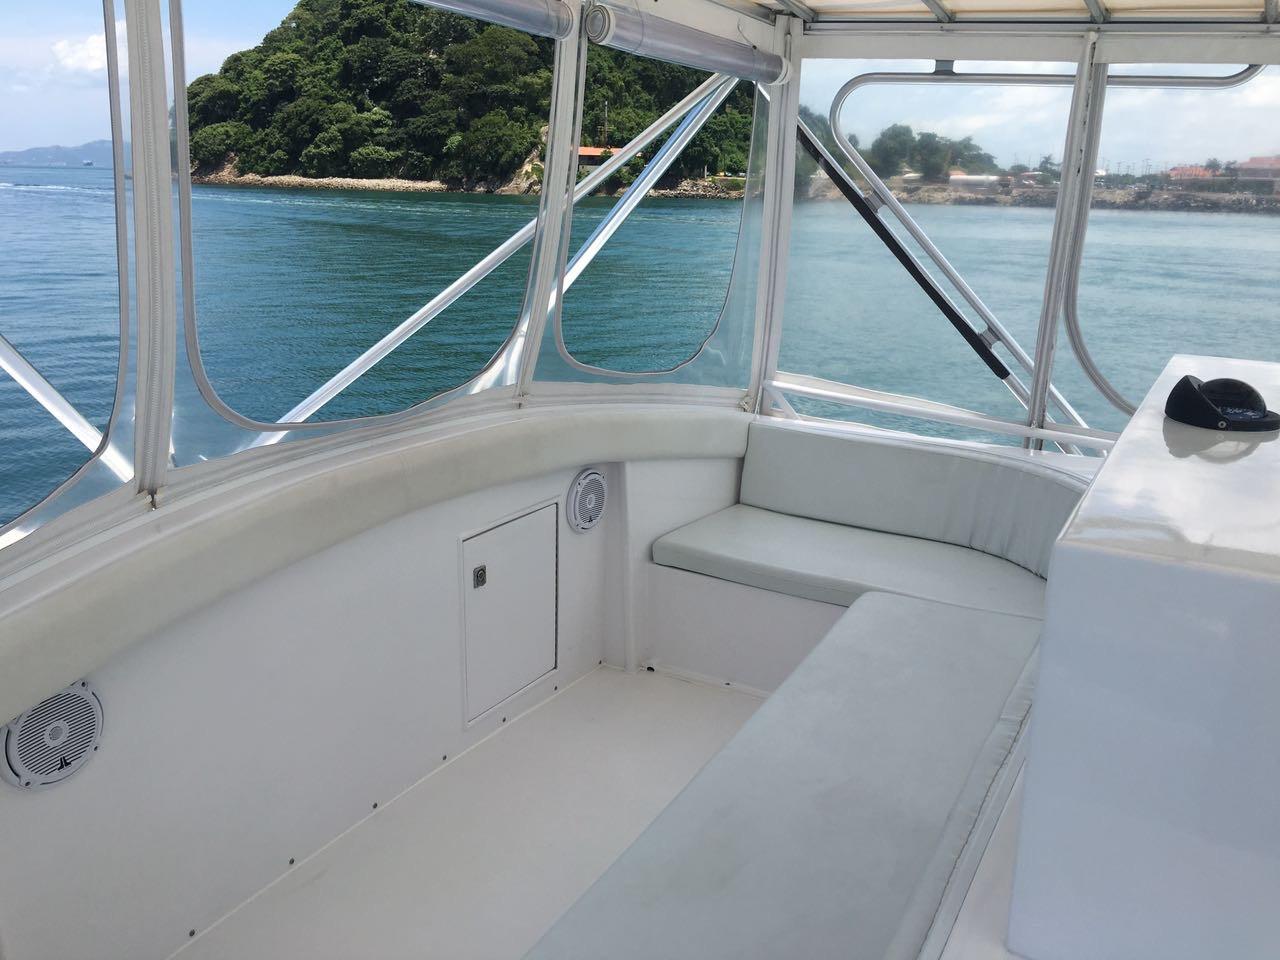 58ft bertram boat rental in panama